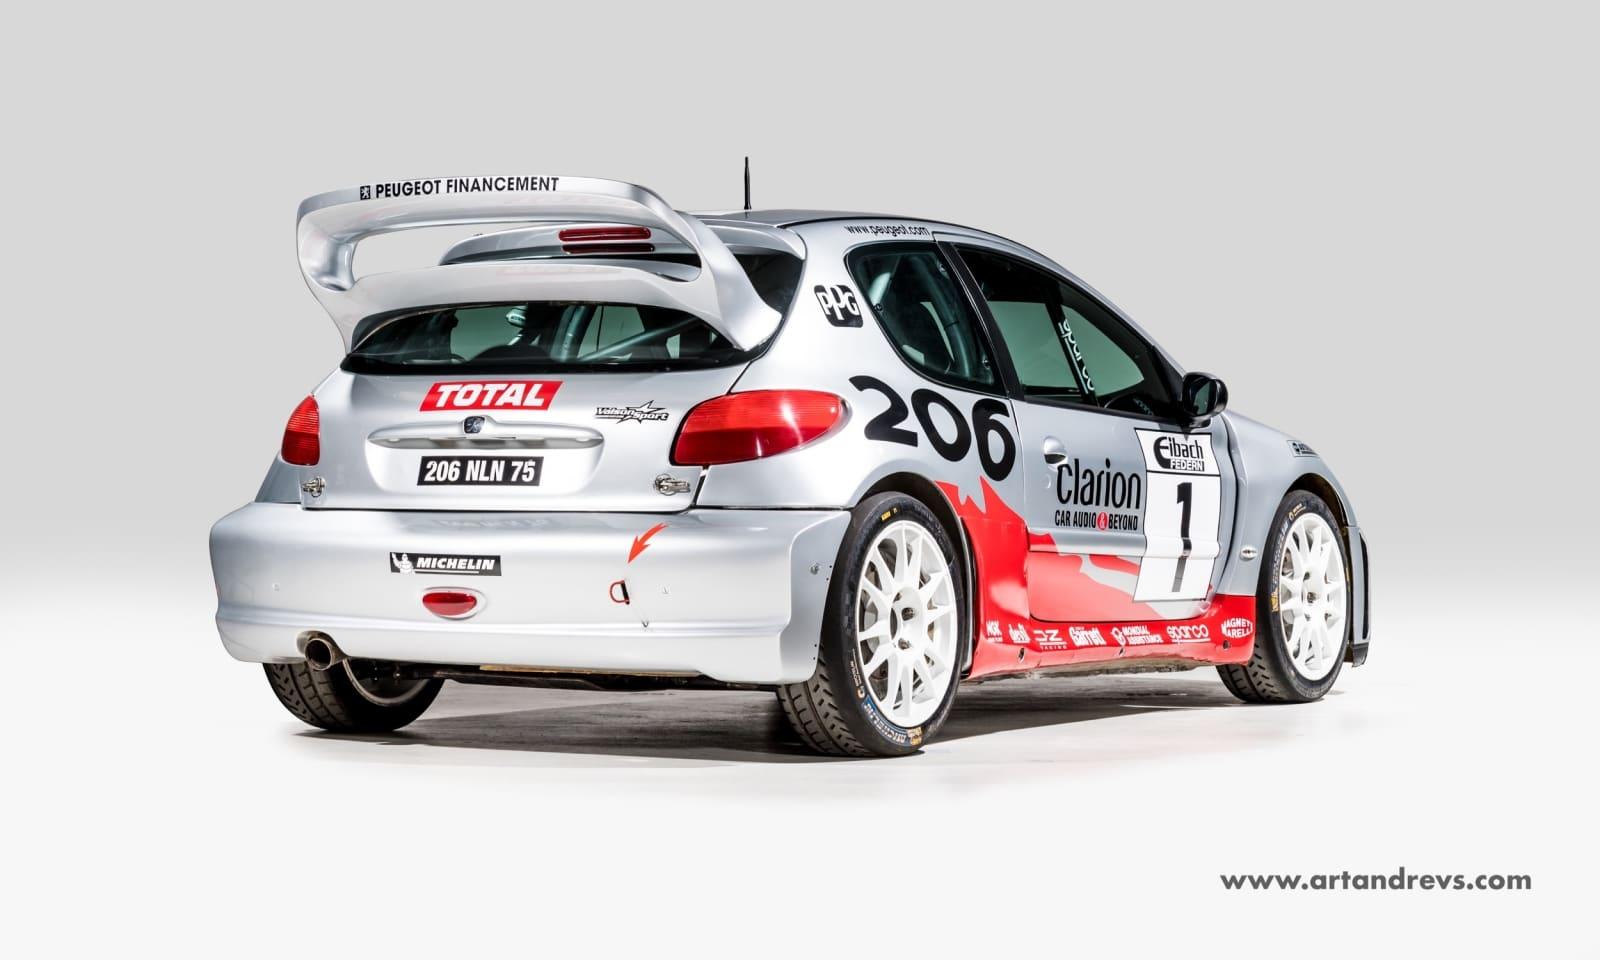 206 WRC vente